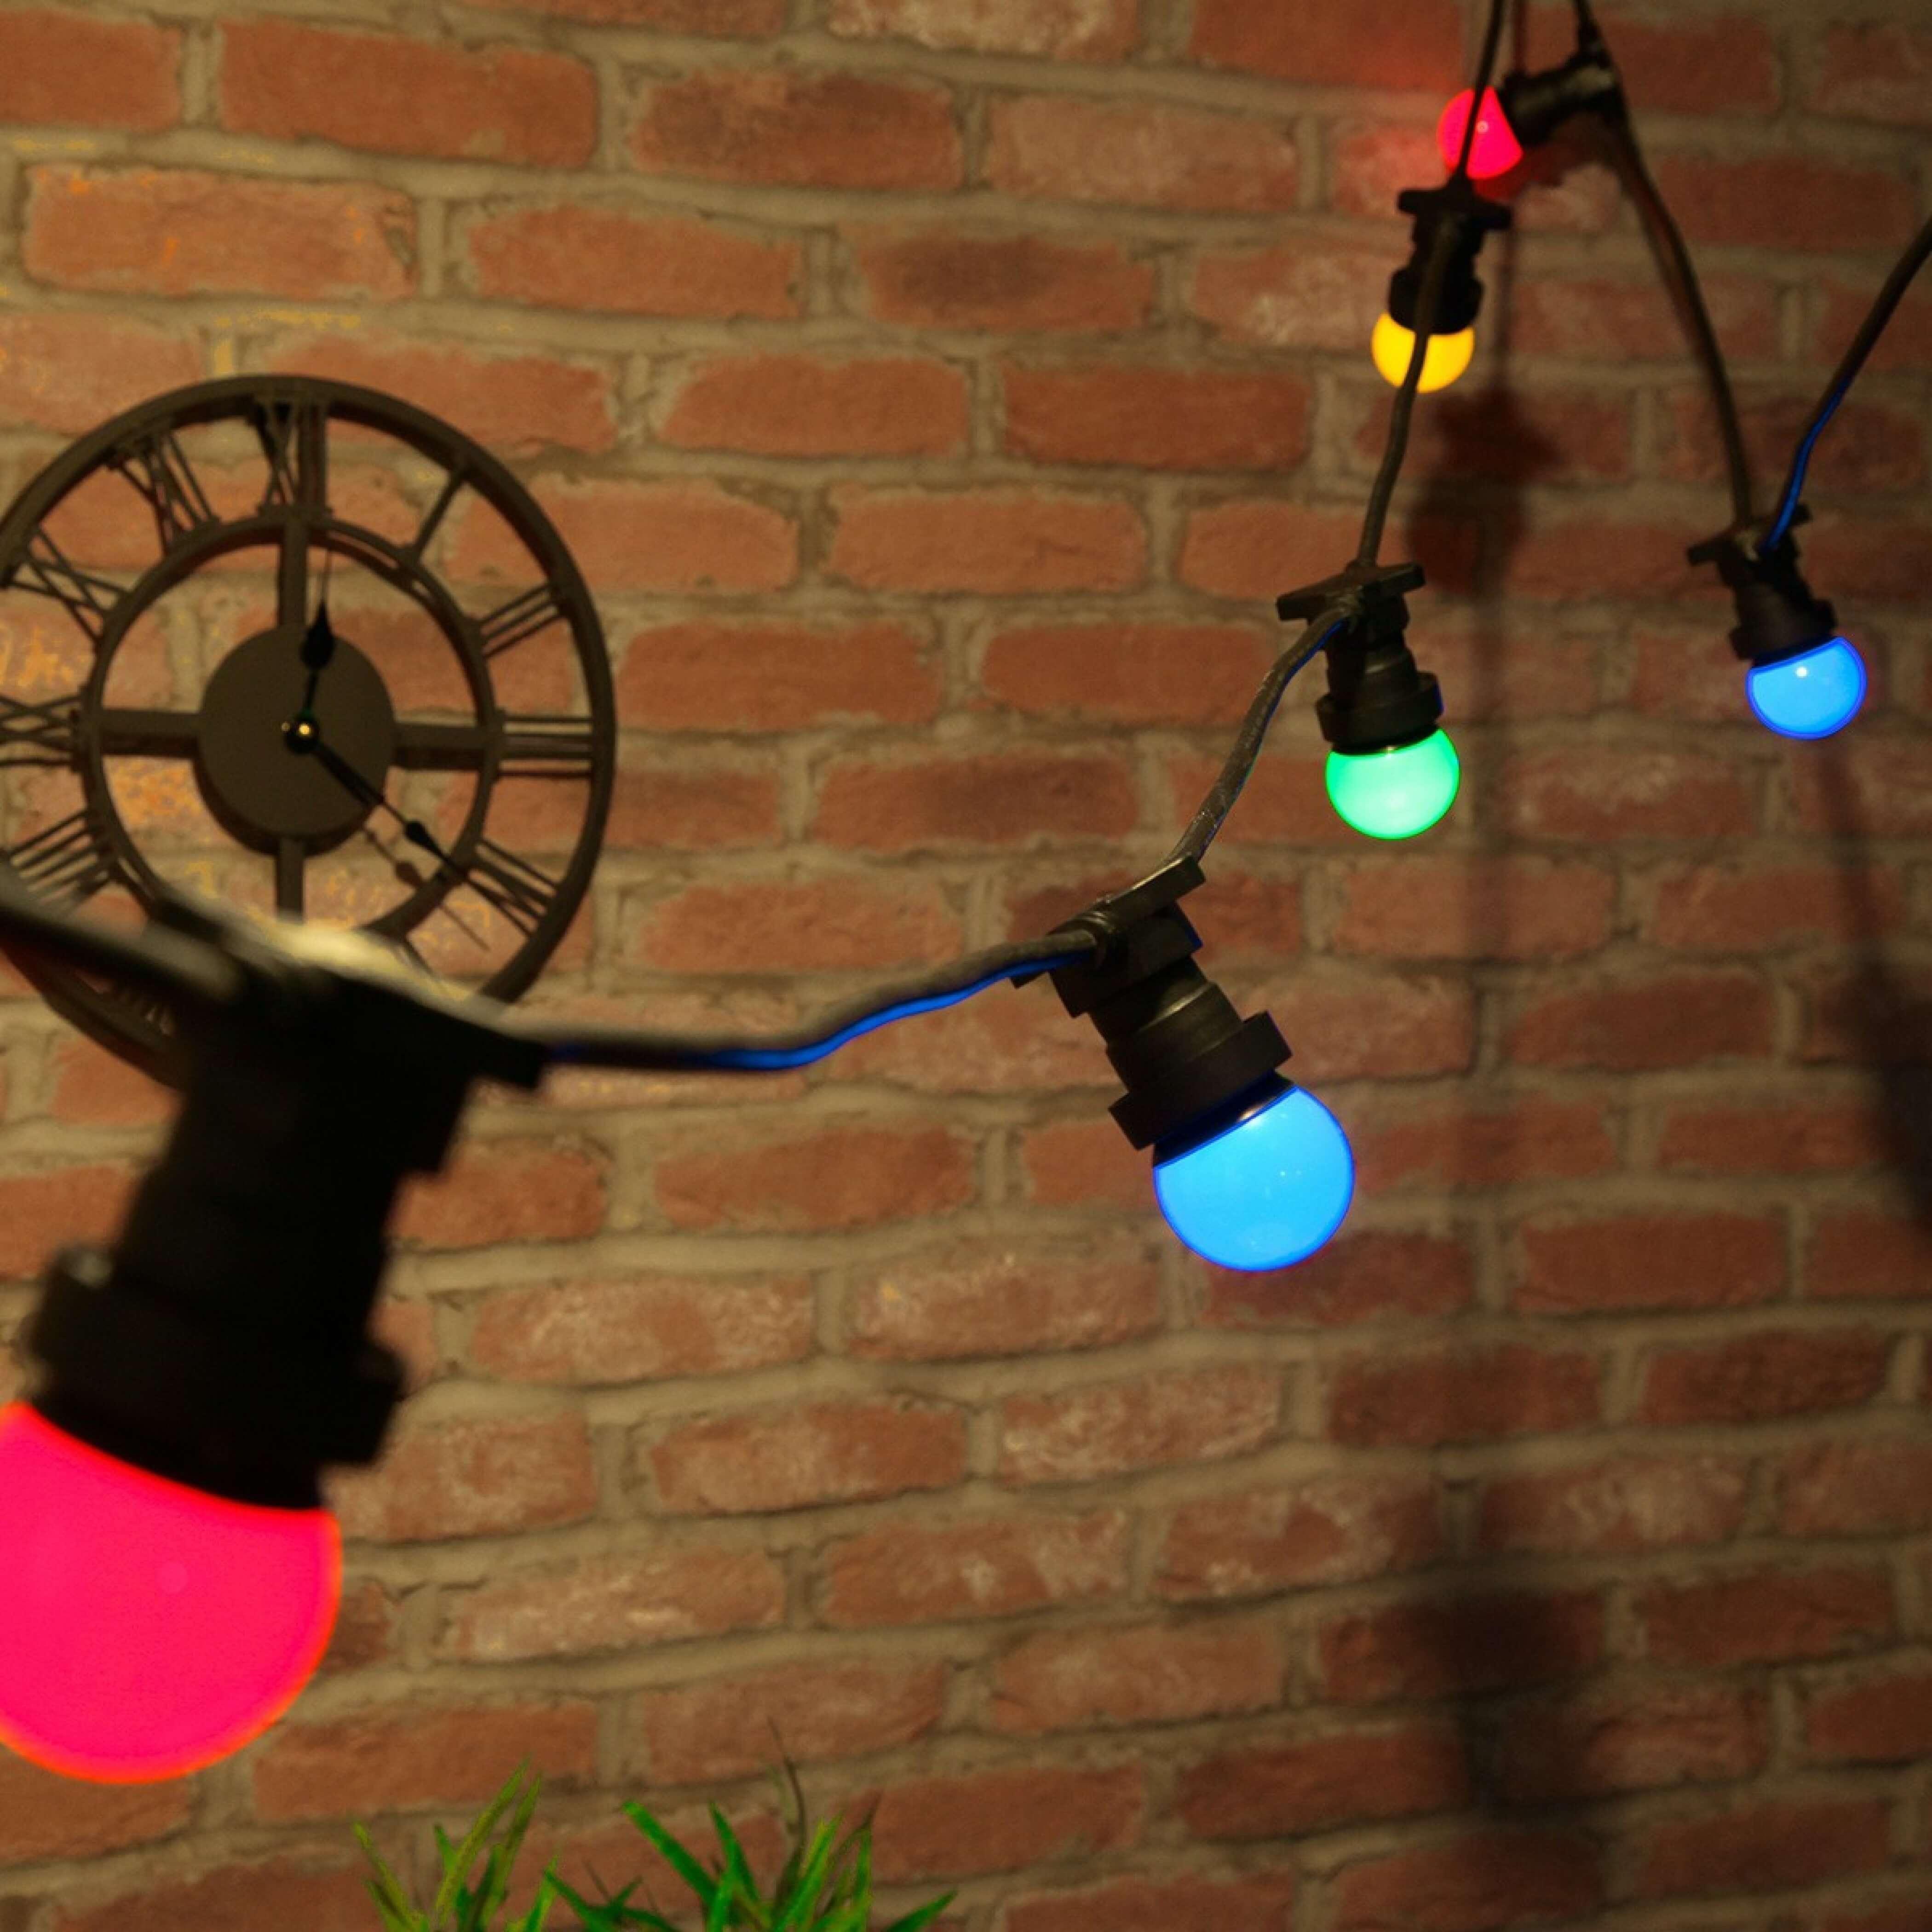 Guirlande Guinguette Led Multicolore 12M 20 Globes à Guirlande Lumineuse Exterieur Professionnel